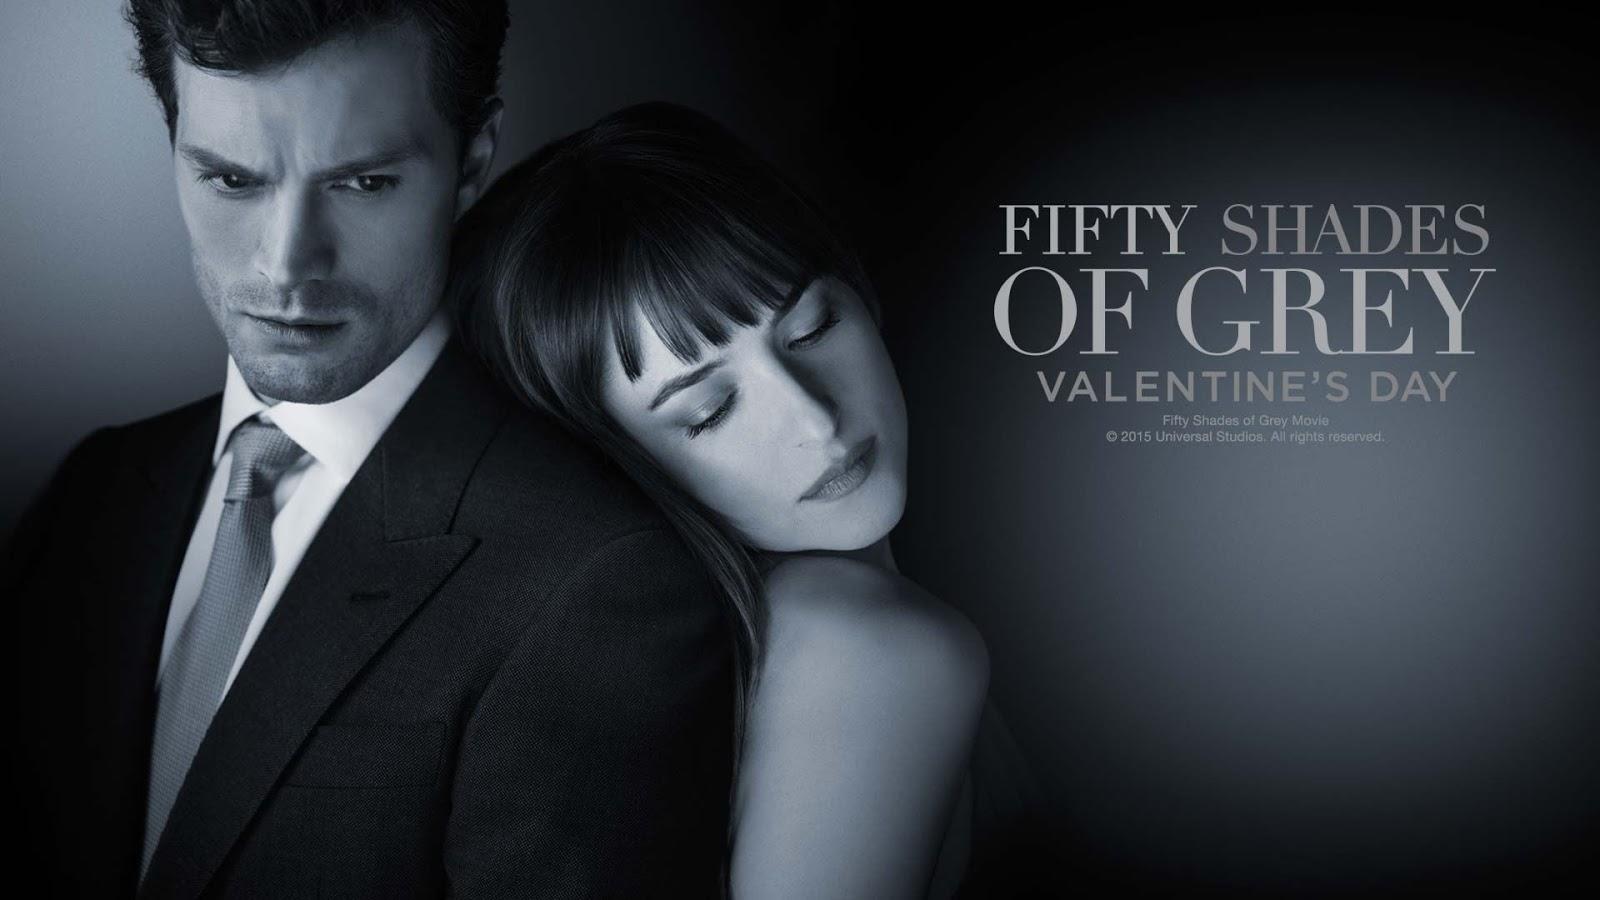 Comment luifaire l amour comme 50nuances de grey [PUNIQRANDLINE-(au-dating-names.txt) 37